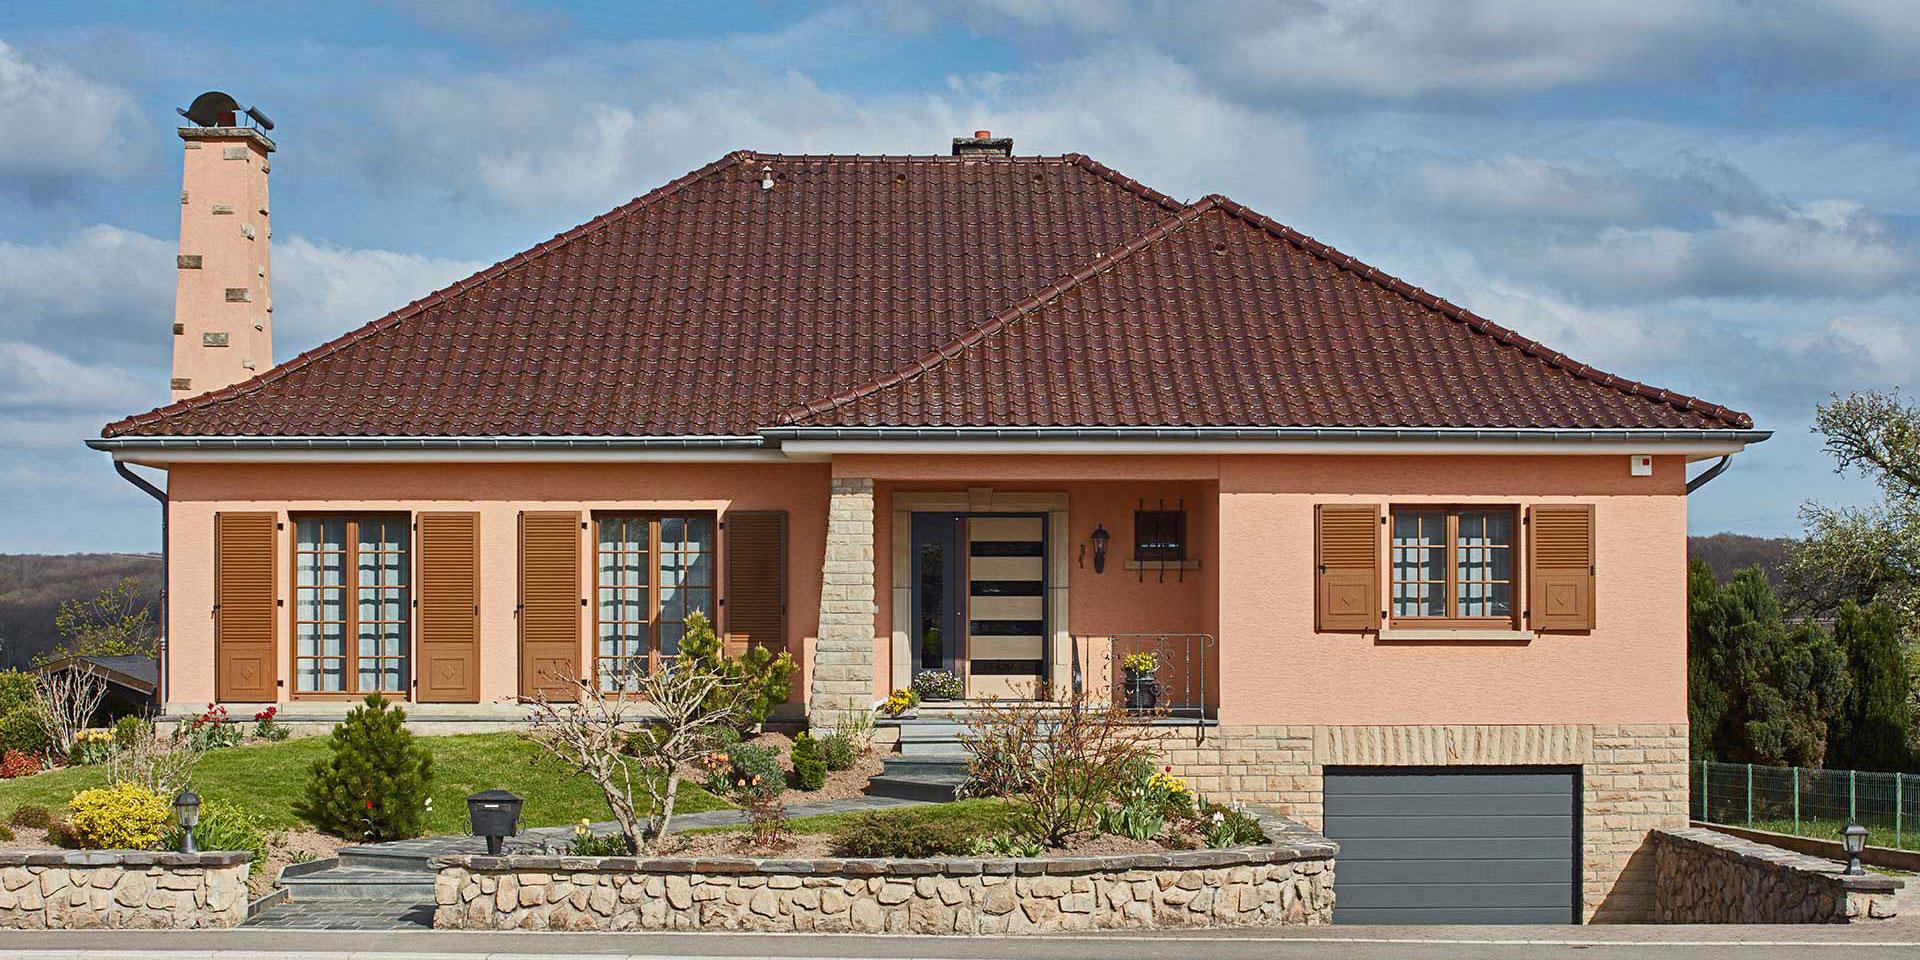 Modernisierung eines orangen Einfamilienhaus mit neuer moderner grau-keramik Coplaning Haustür und braunen modernen Coplaning Fenster mit Klappläden.